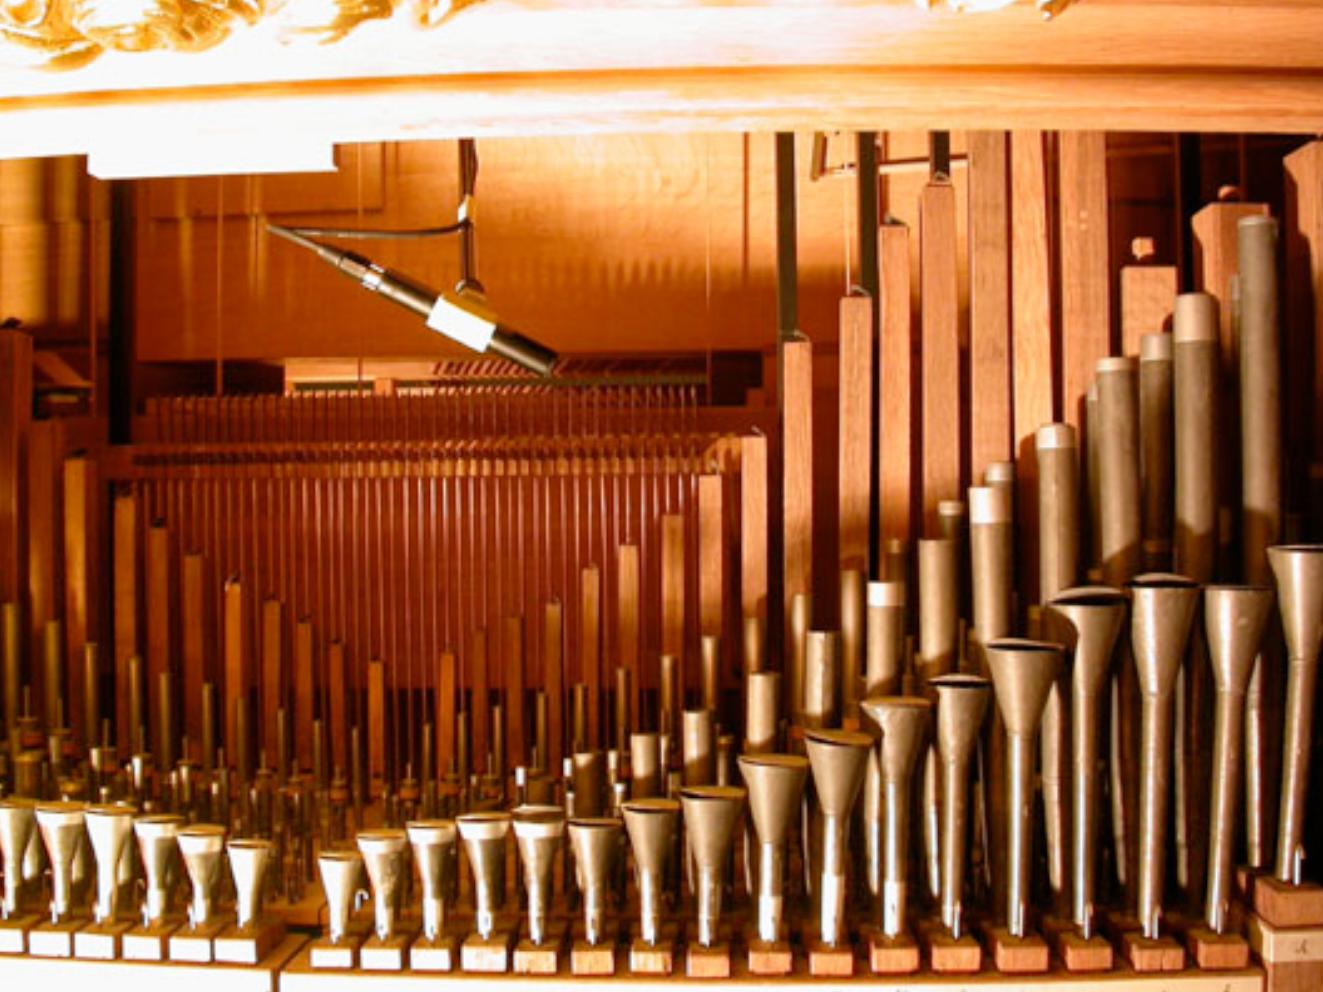 Abbildung 10 - Direktmikrofonierung der Orgelpfeifen